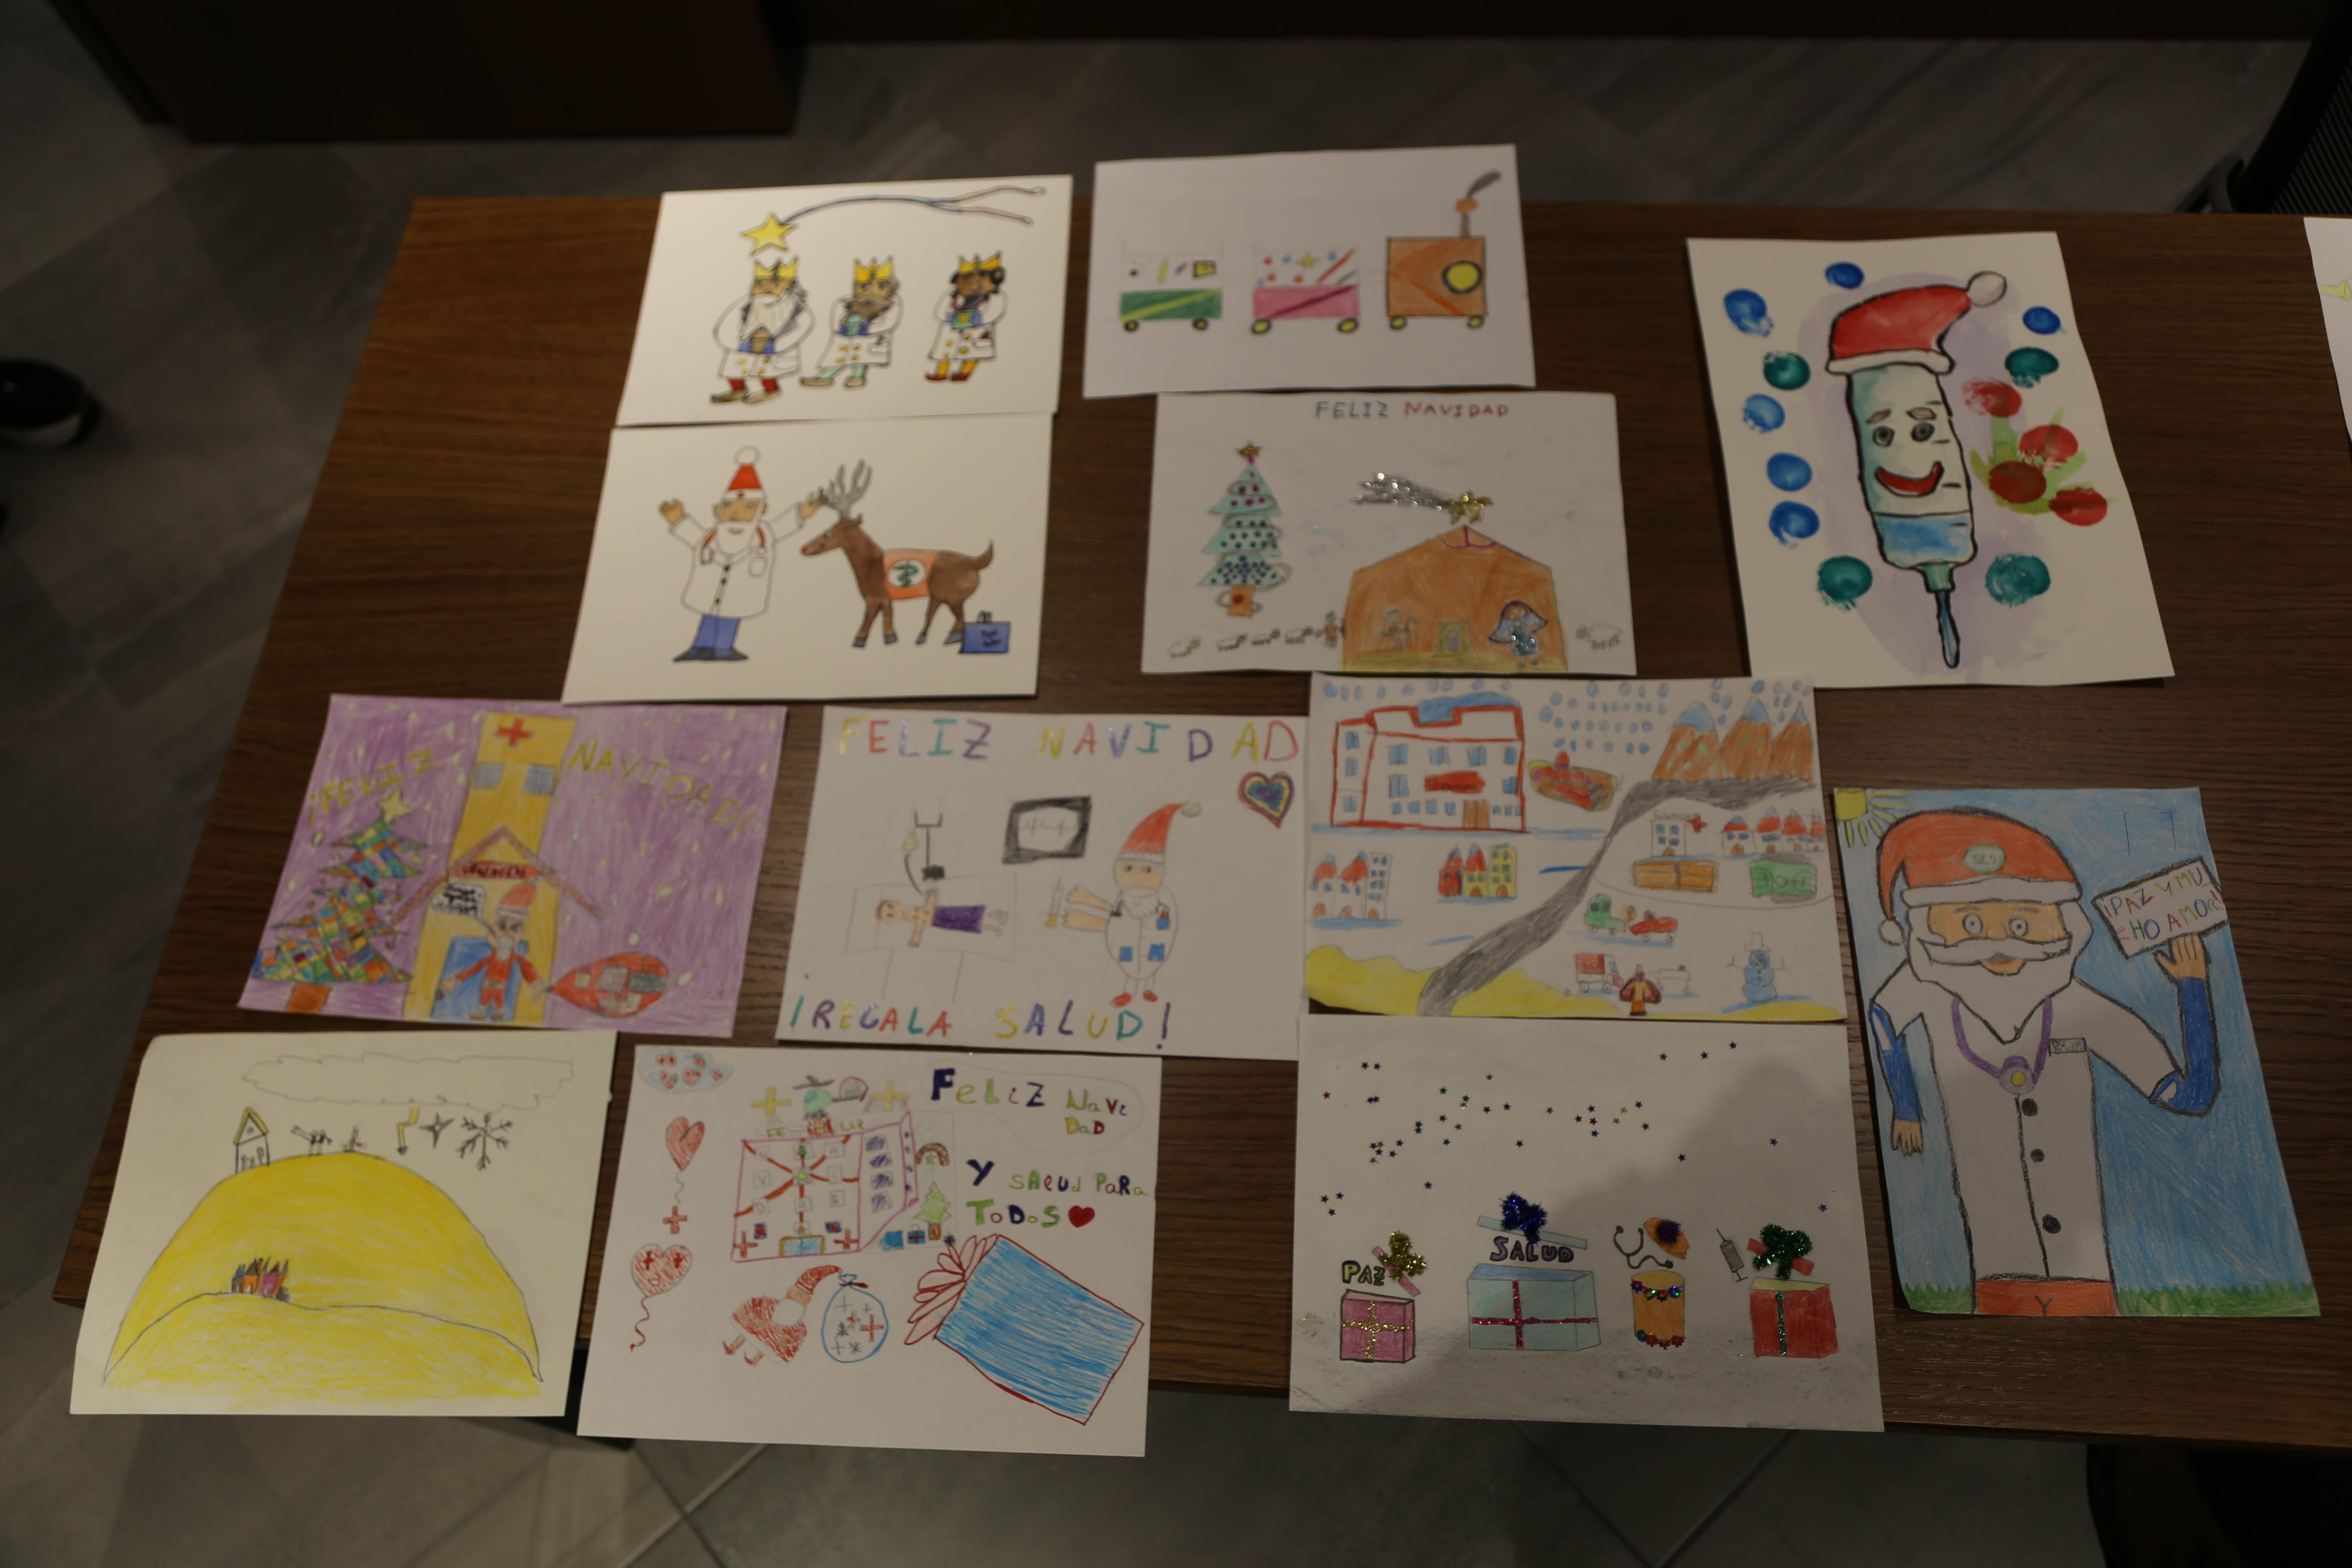 exposición dibujos Navidad 2018- Plasencia